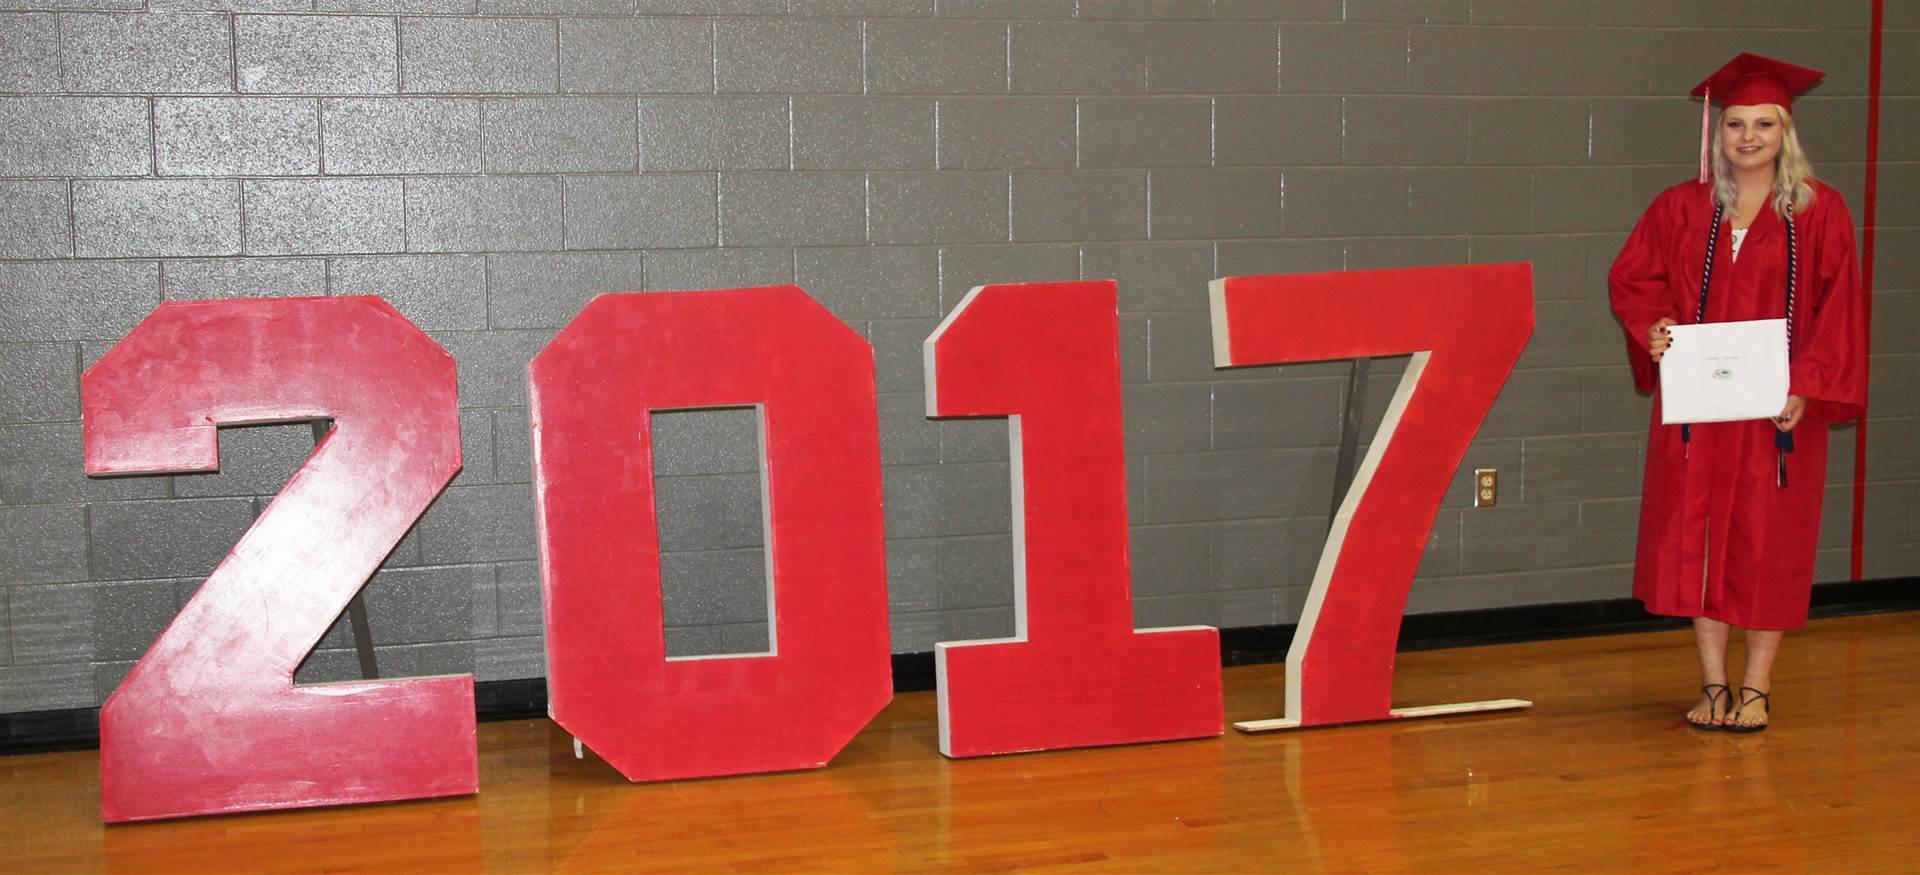 photo 172 from 2017 C V Graduation.